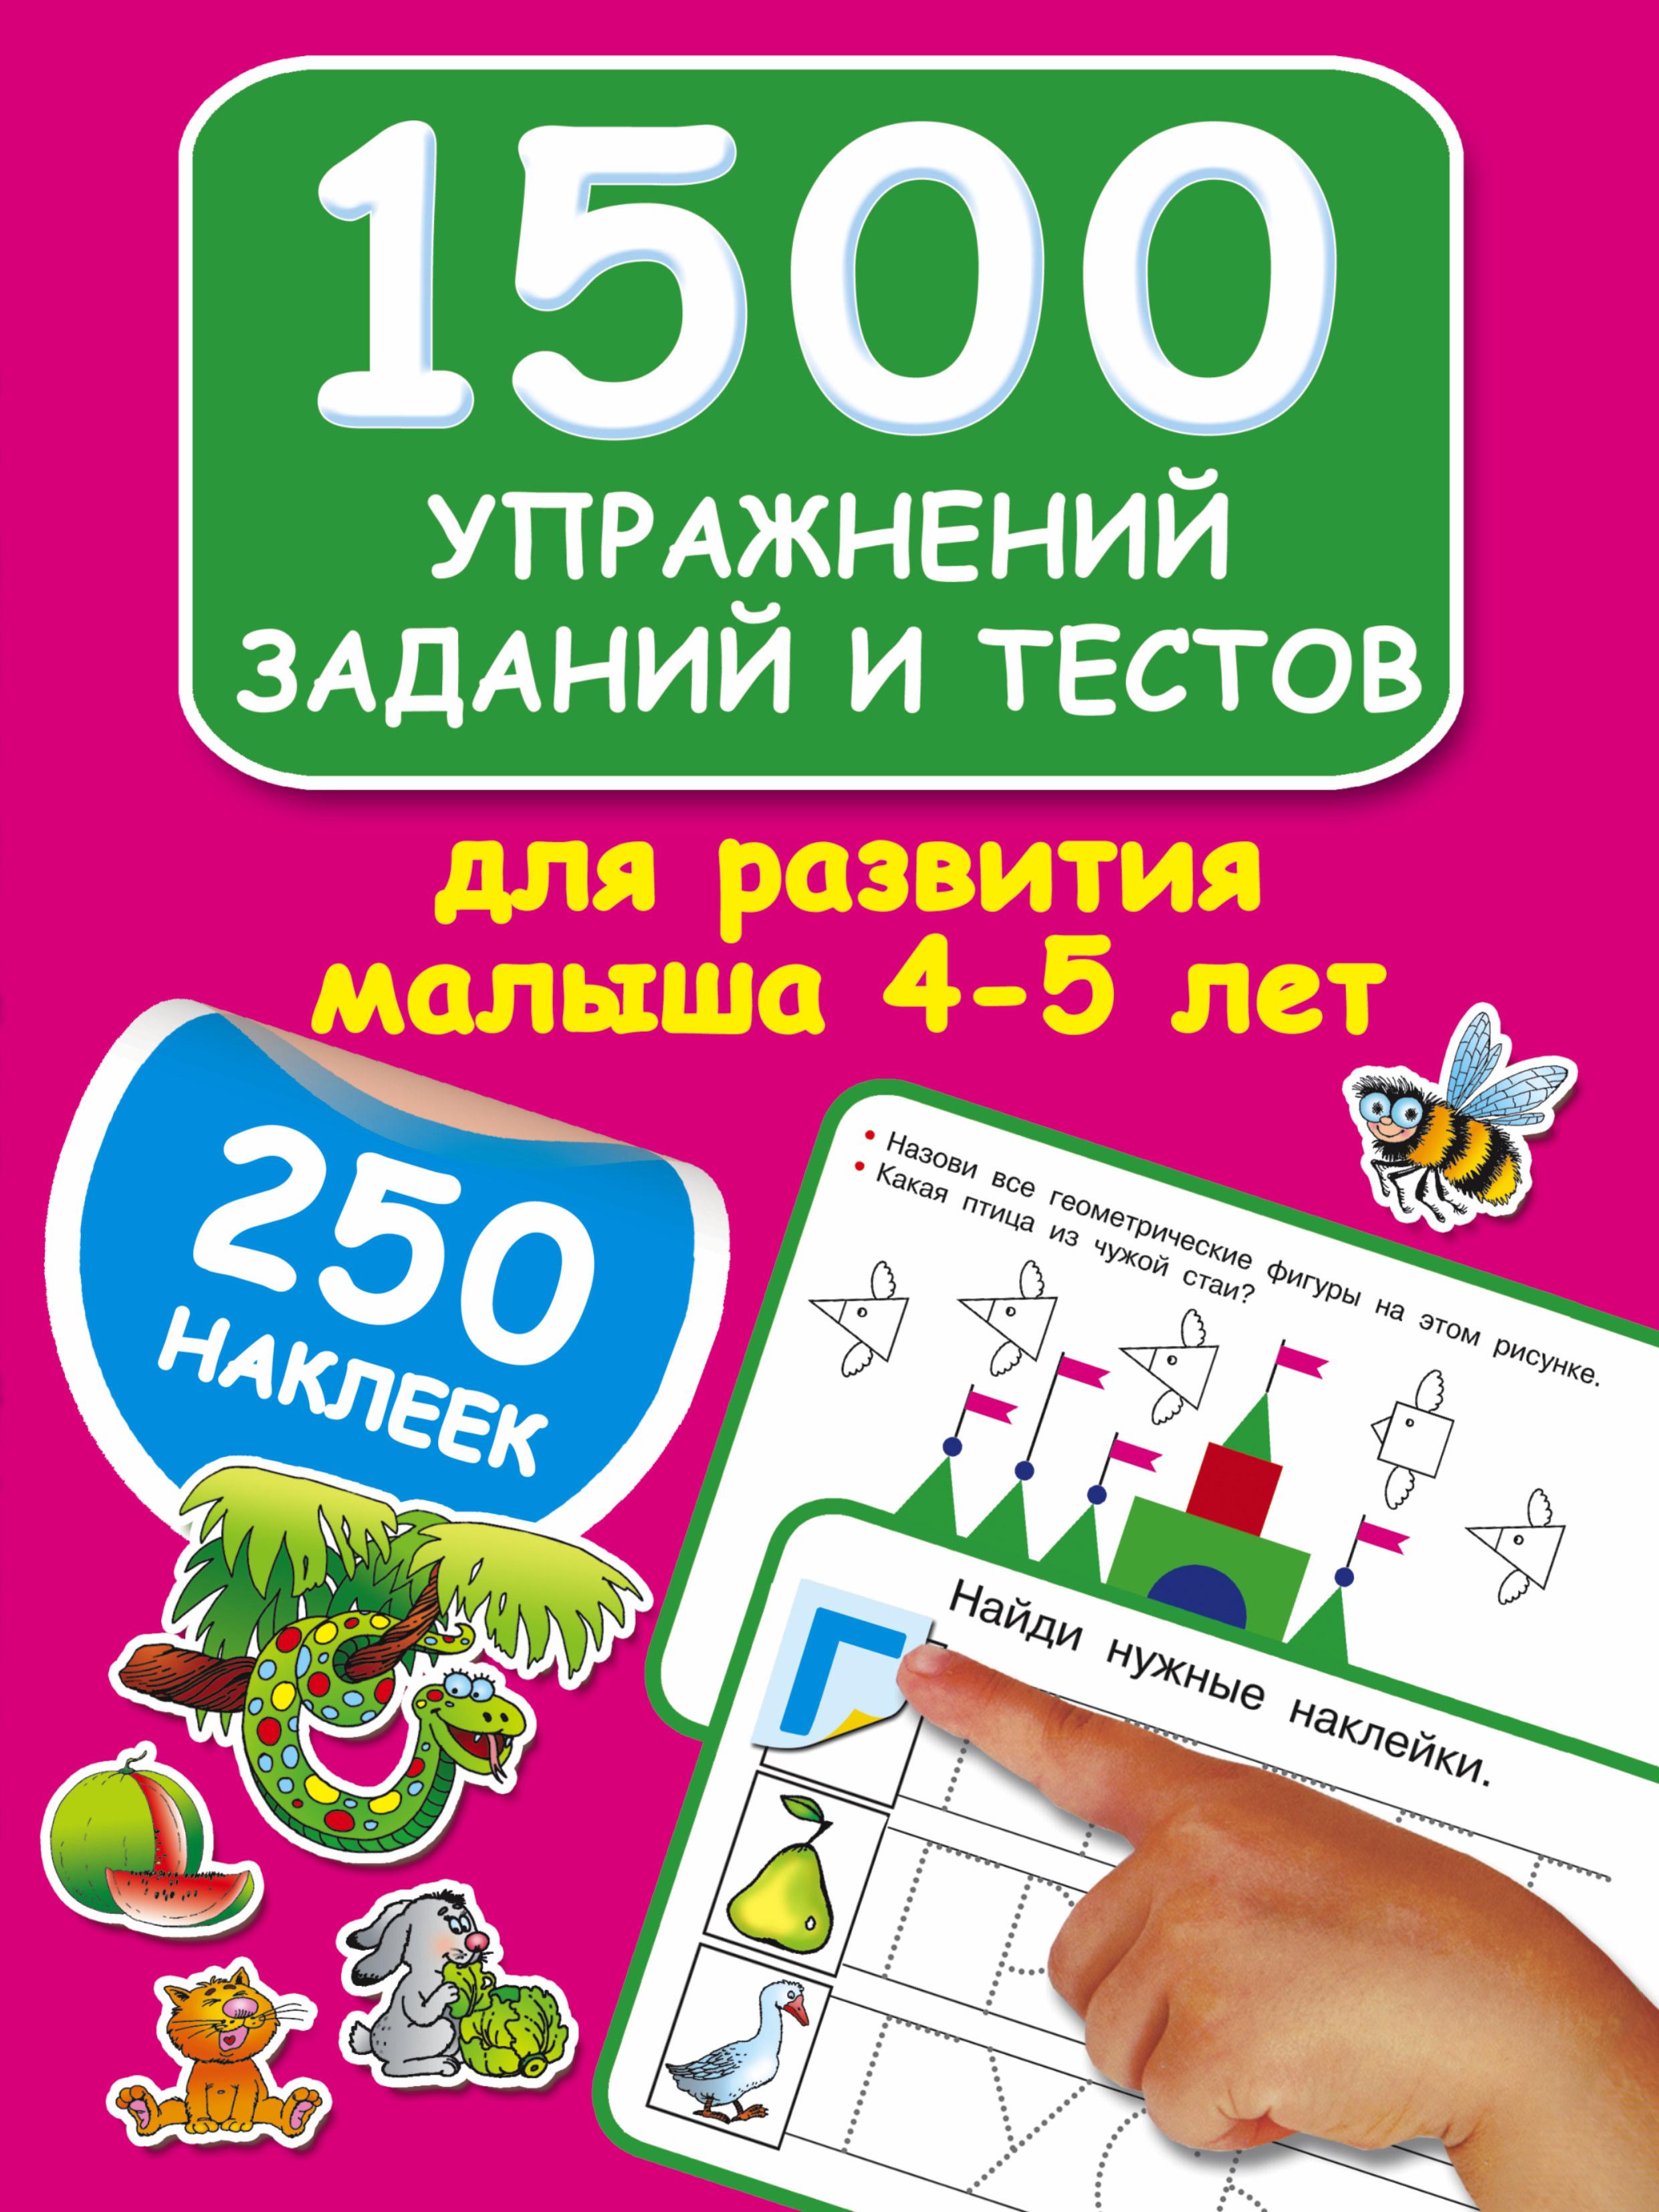 Дмитриева Валентина Геннадьевна 1500 упражнений, заданий и тестов для развития малыша 4-5 лет